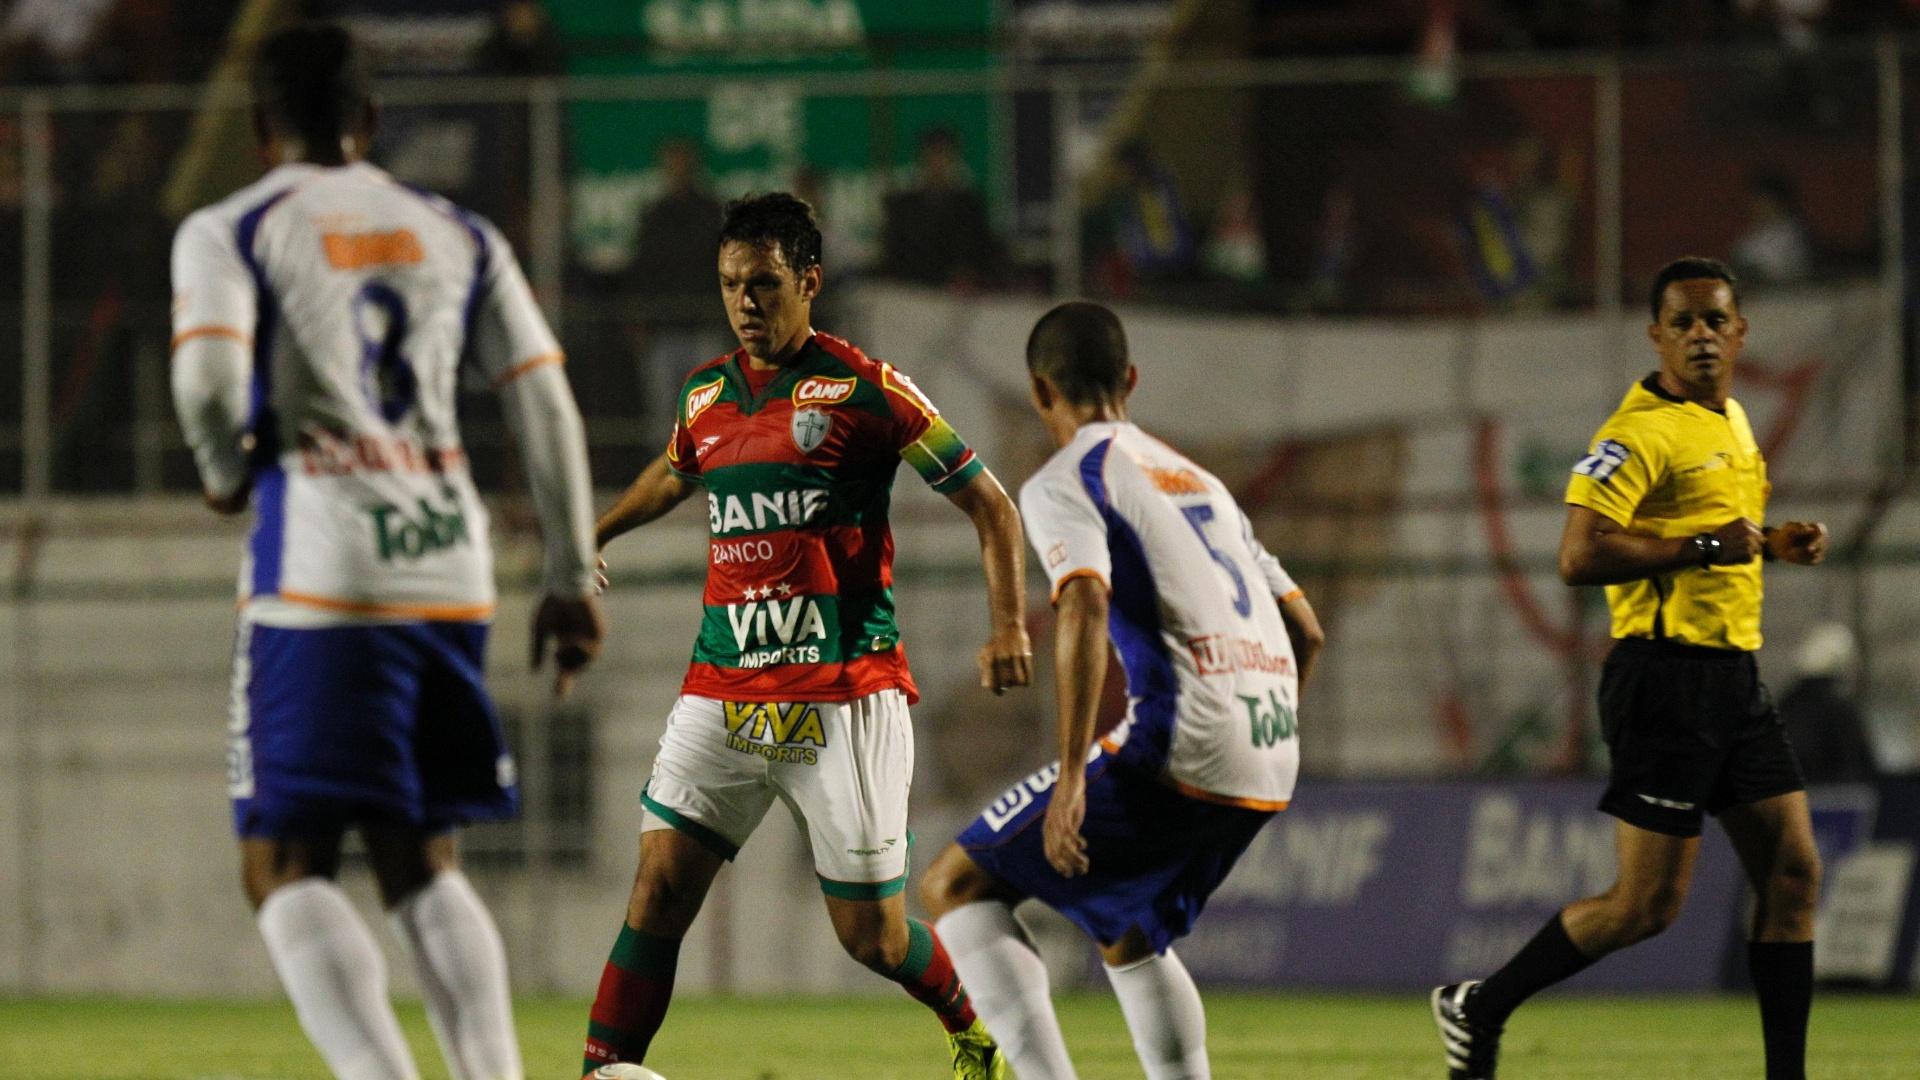 A Portuguesa derrotou o Duque de Caxias no estádio do Canindé por 4 a 0, pela Série B do Brasileiro